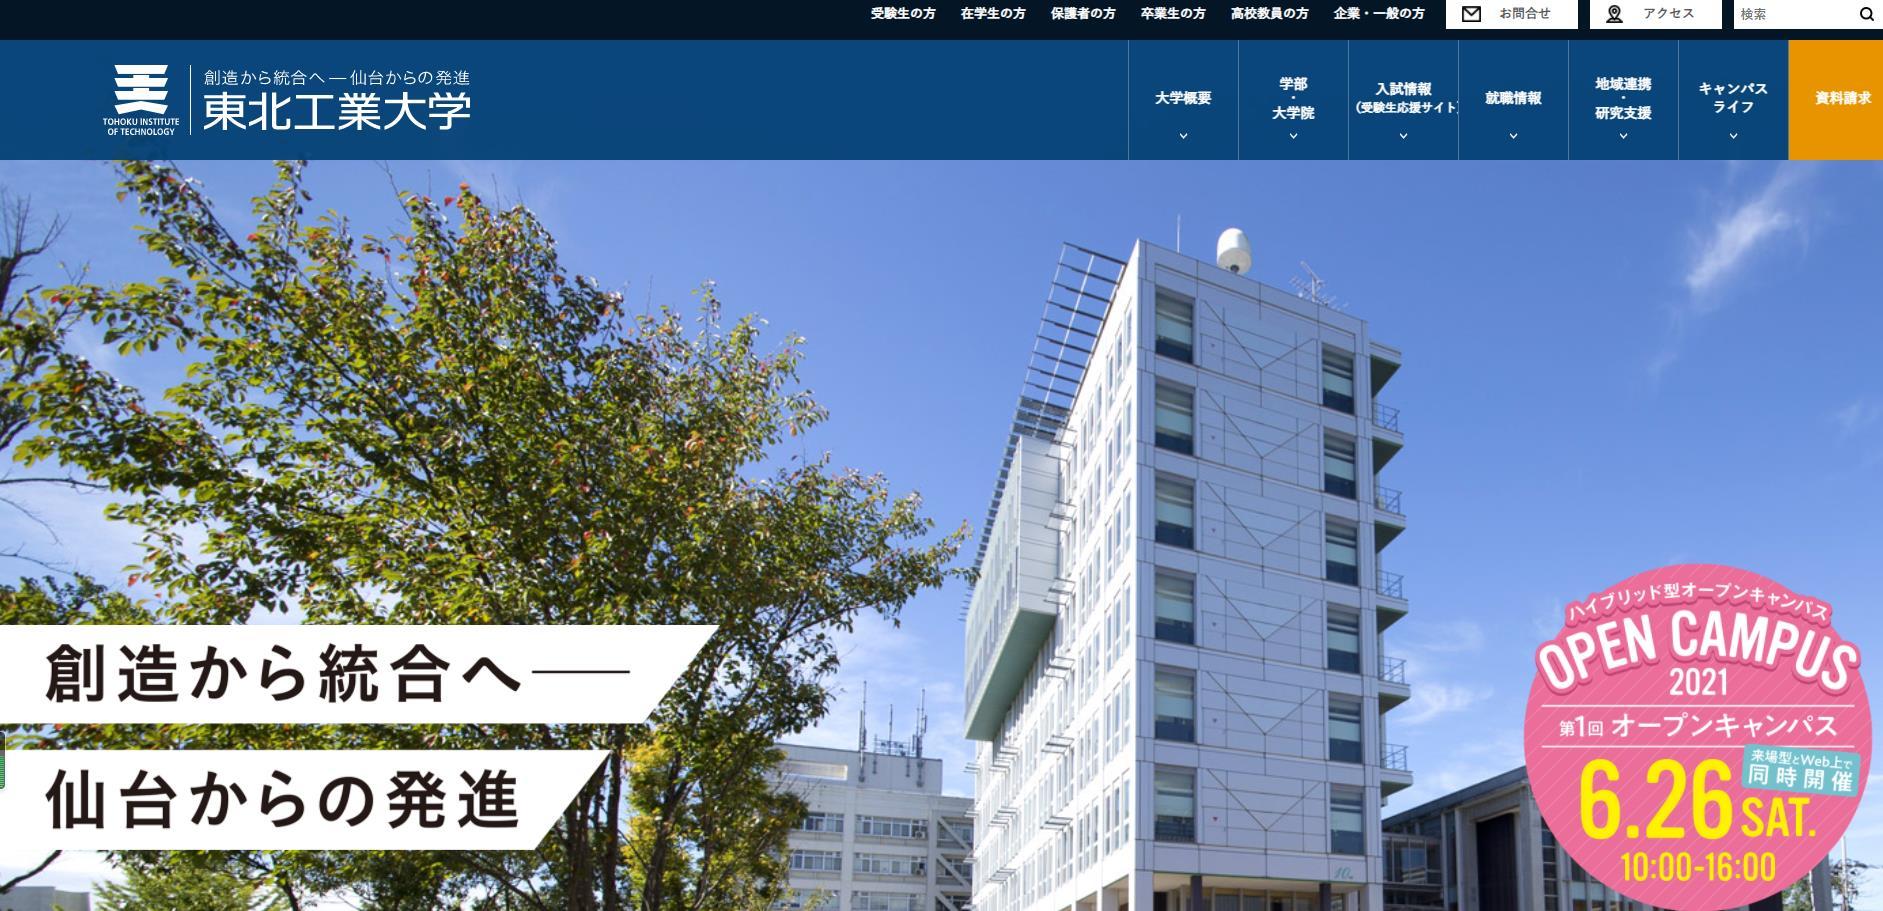 东北工业大学官网 日本私立大学